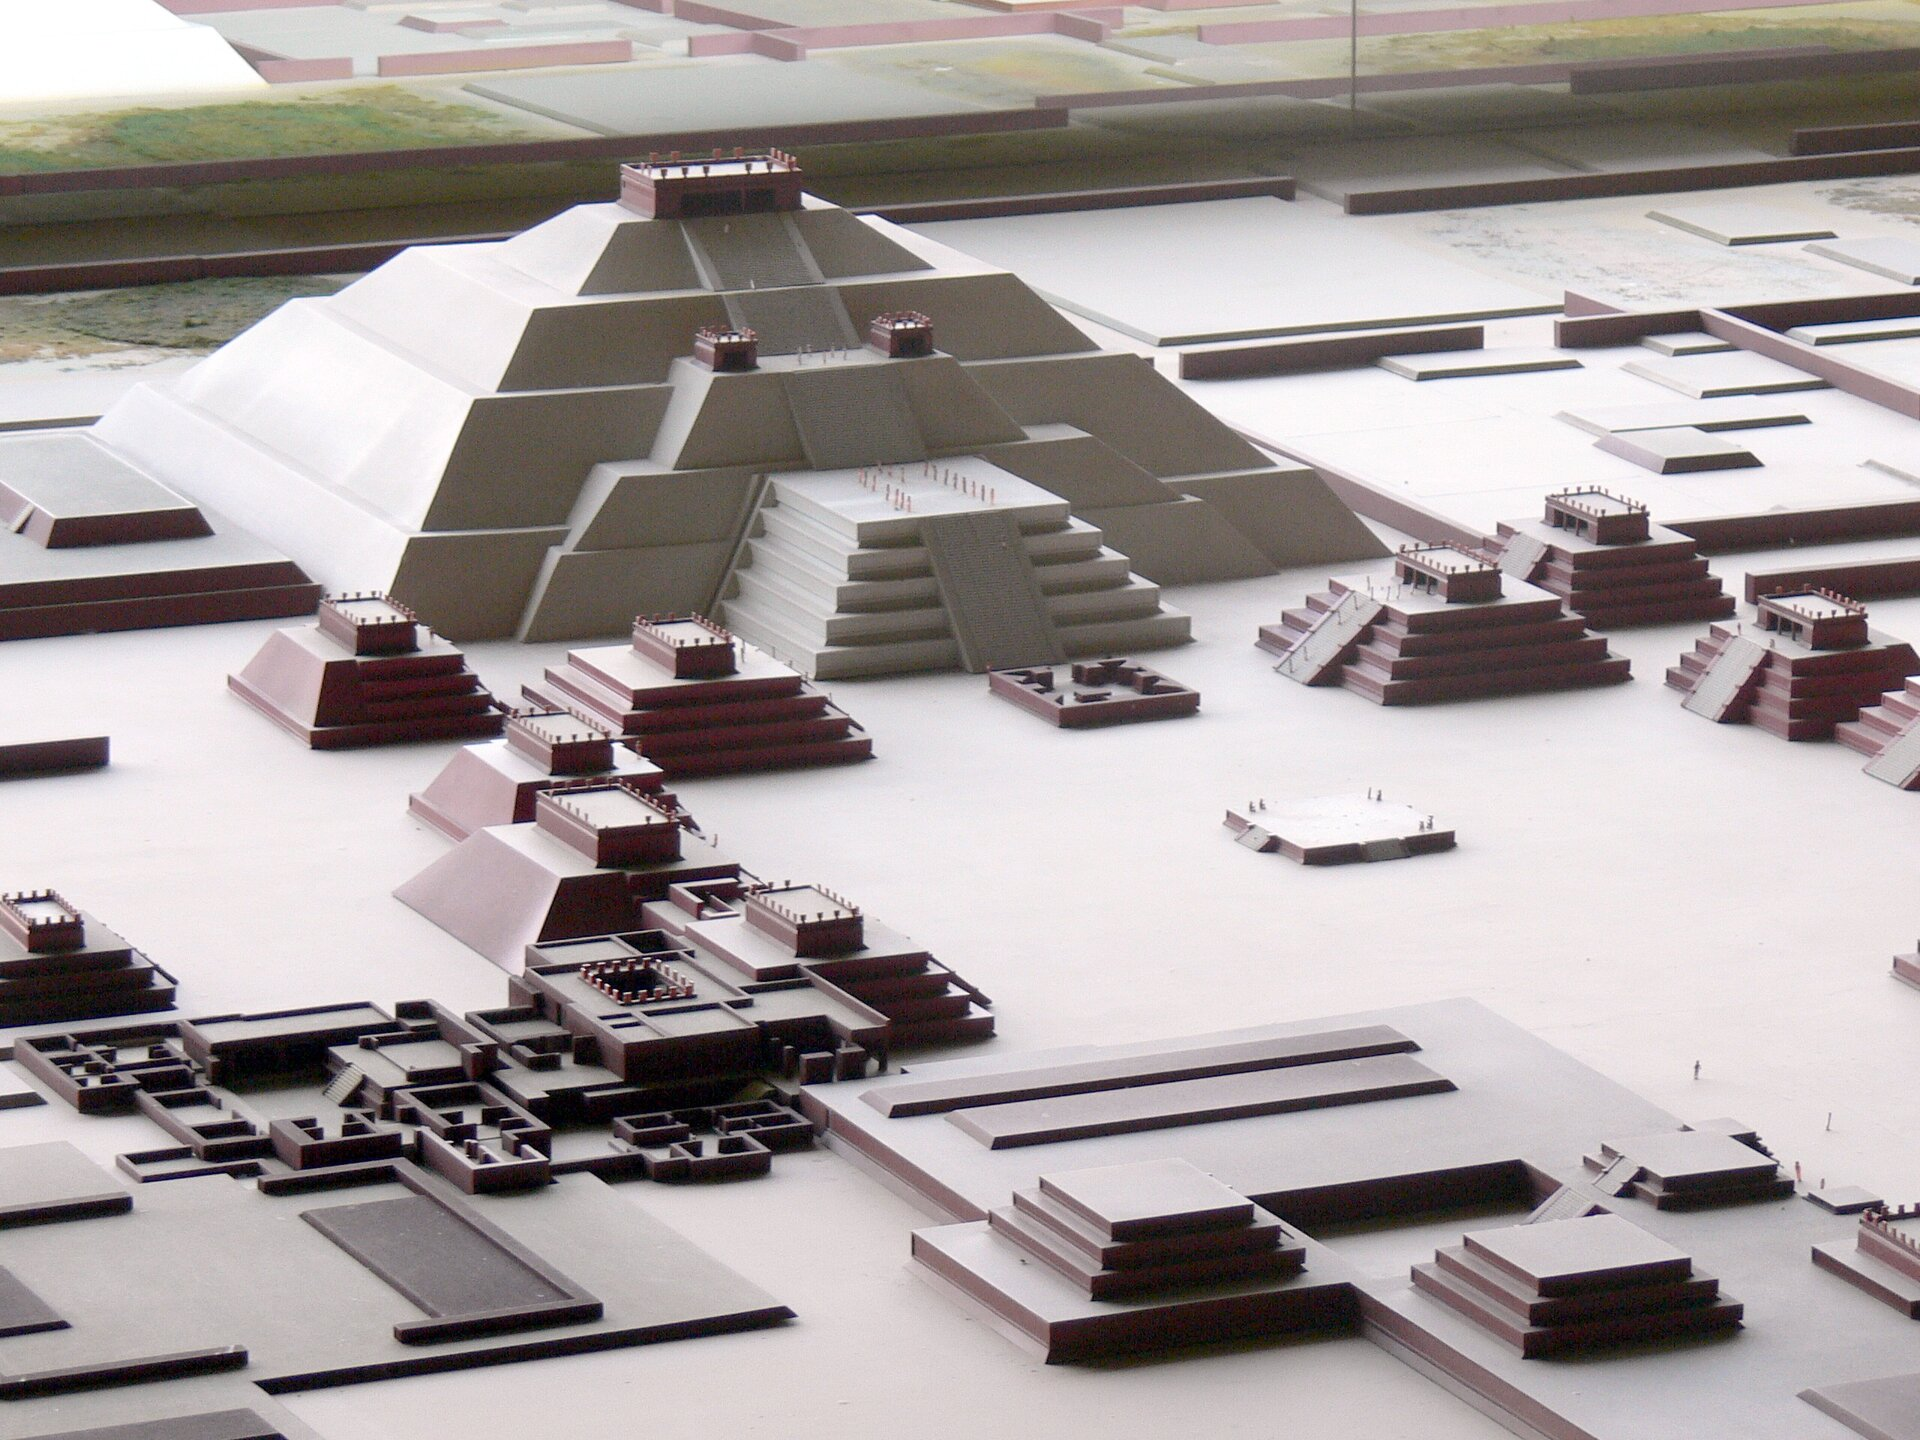 Rekonstrukcja wielkiej piramidy słońca wTenochtitlan Rekonstrukcja wielkiej piramidy słońca wTenochtitlan Źródło: sshepherd, 2006, Wikimedia Commons, licencja: CC BY 2.0.